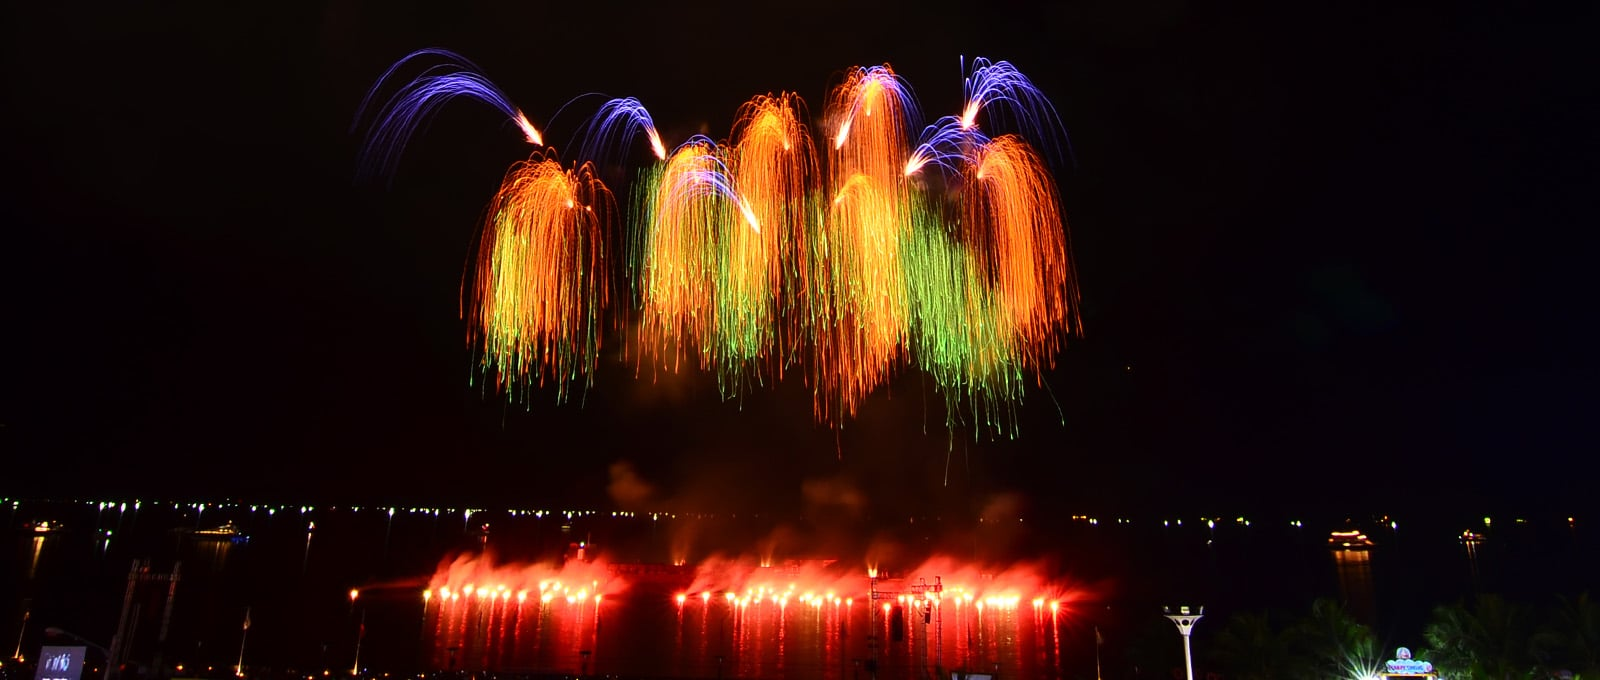 nico europe feuerwerke 8. philippine international pyromusical competition manila orange, grüne und lila trauerweideneffekte über roten lichtern auf dem Meer